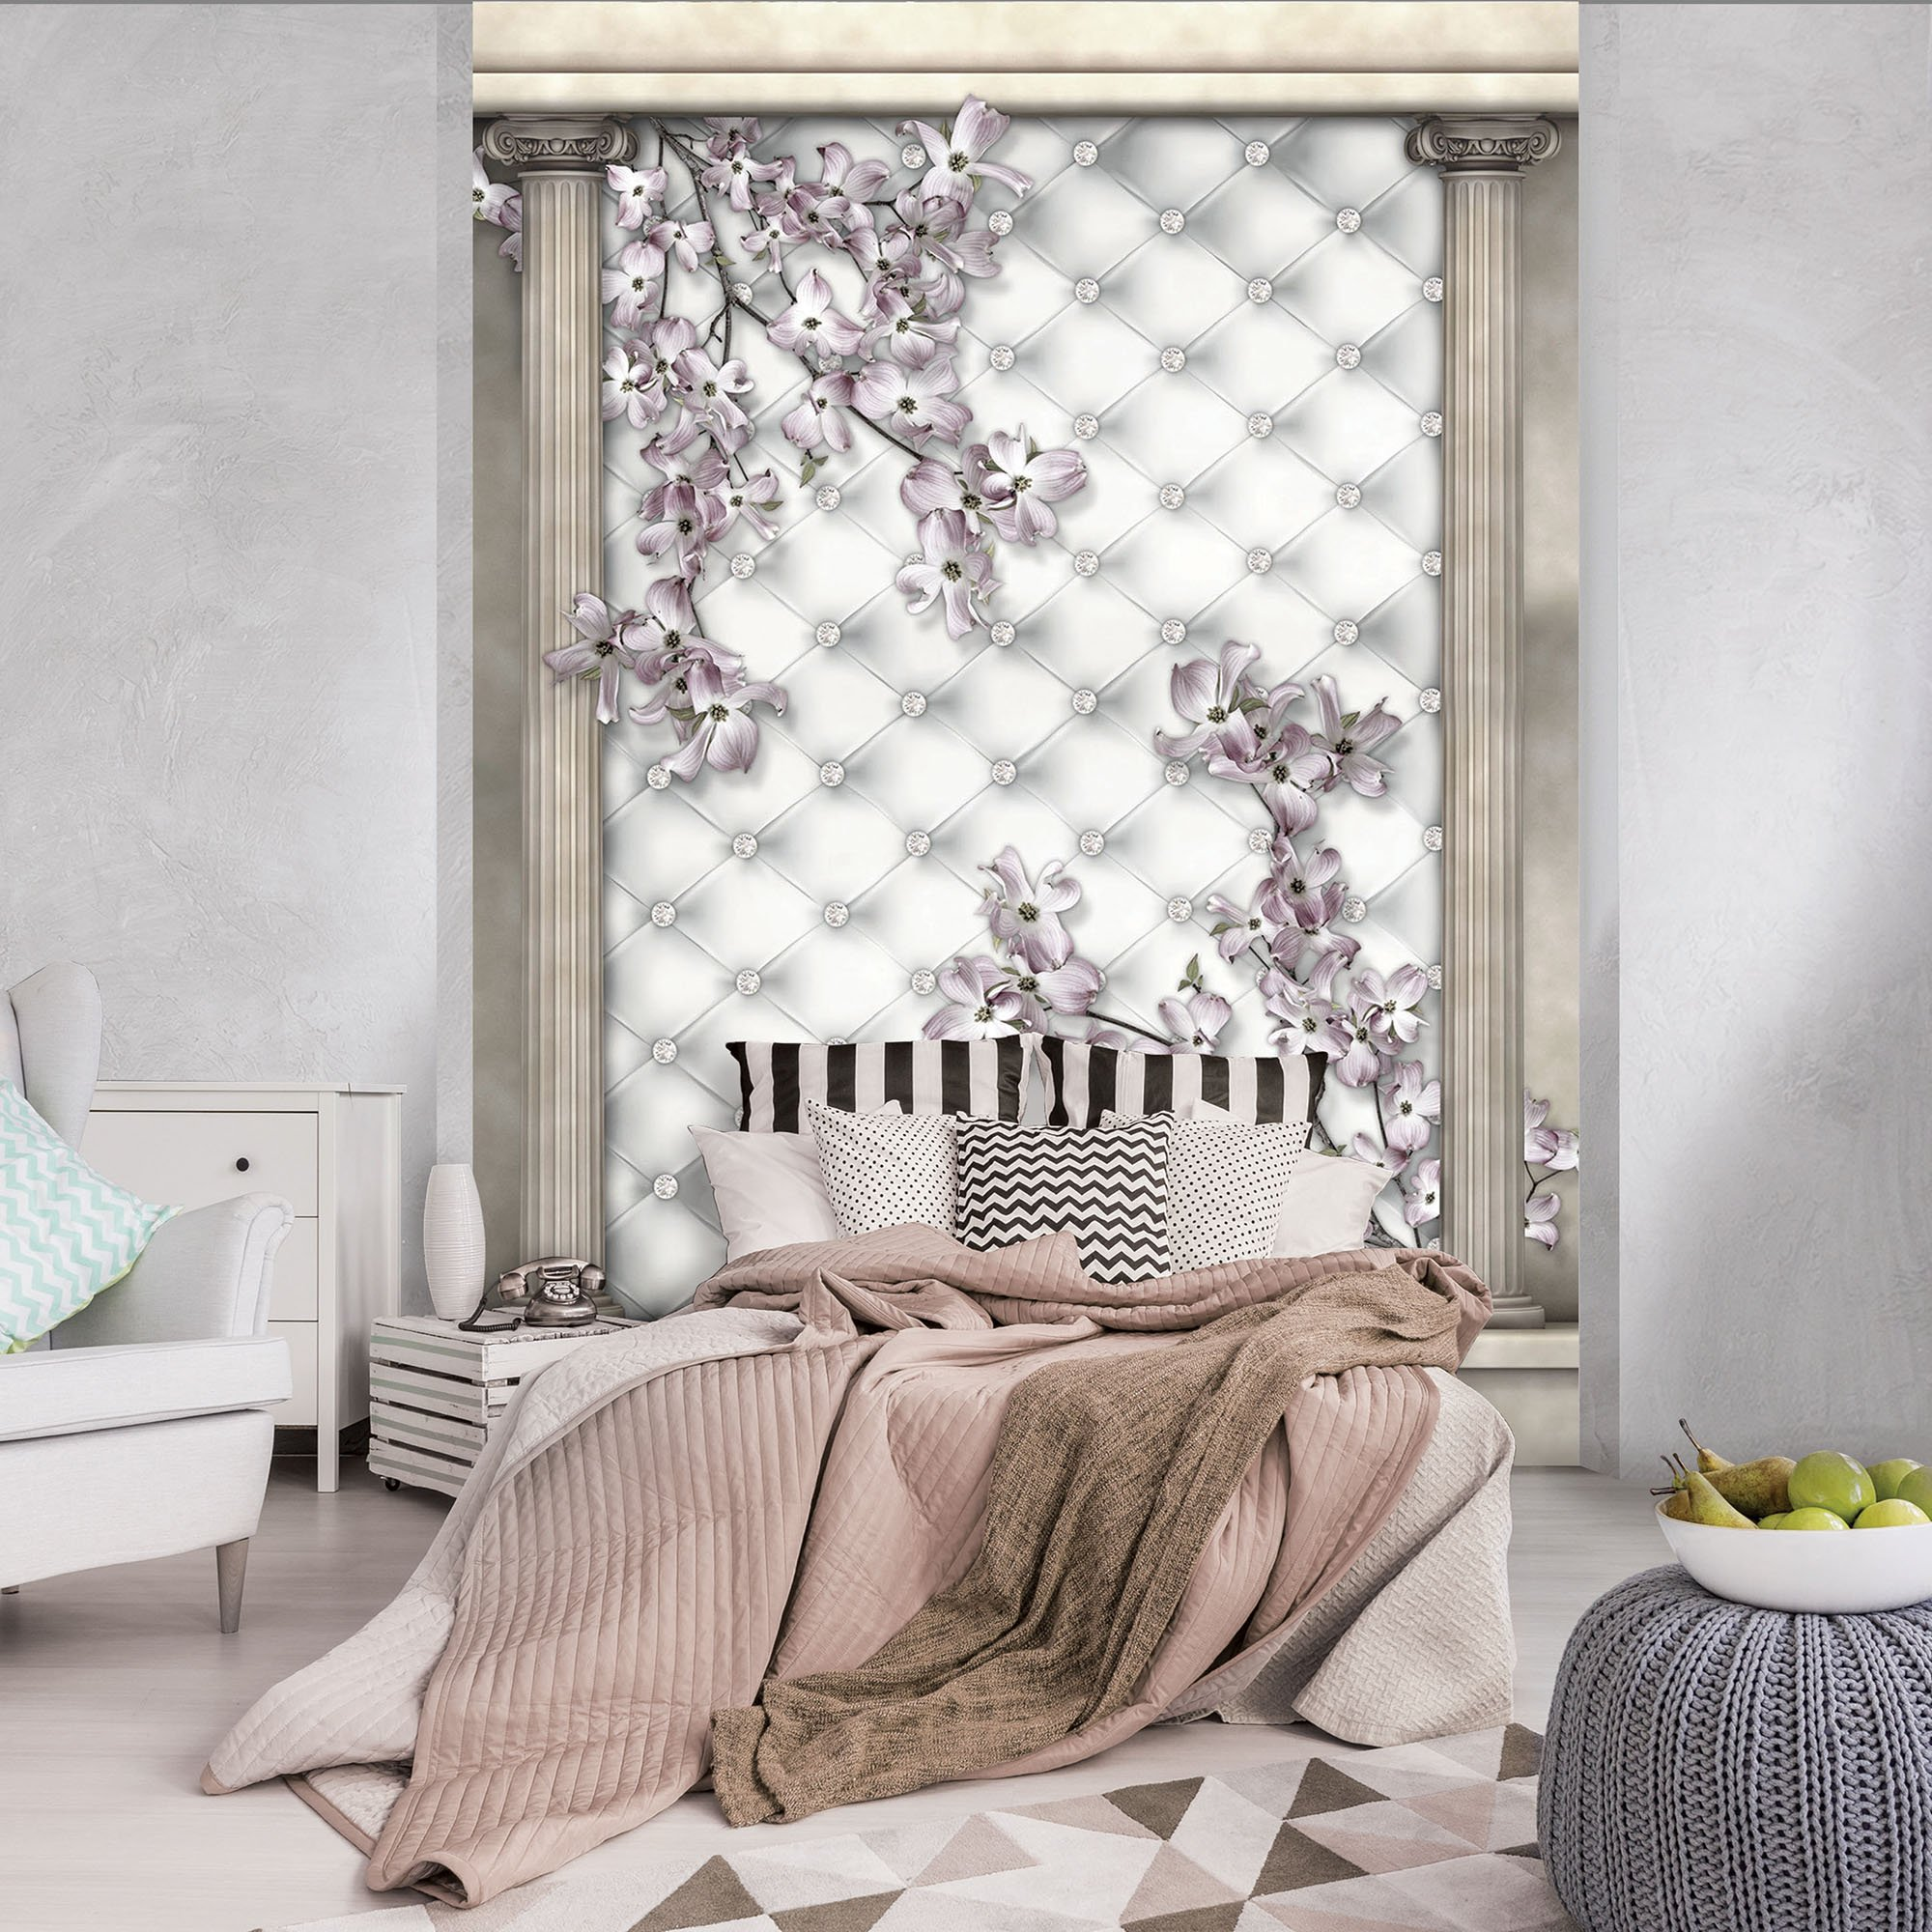 fototapete mit bl ten und s ulen weltderbilder. Black Bedroom Furniture Sets. Home Design Ideas